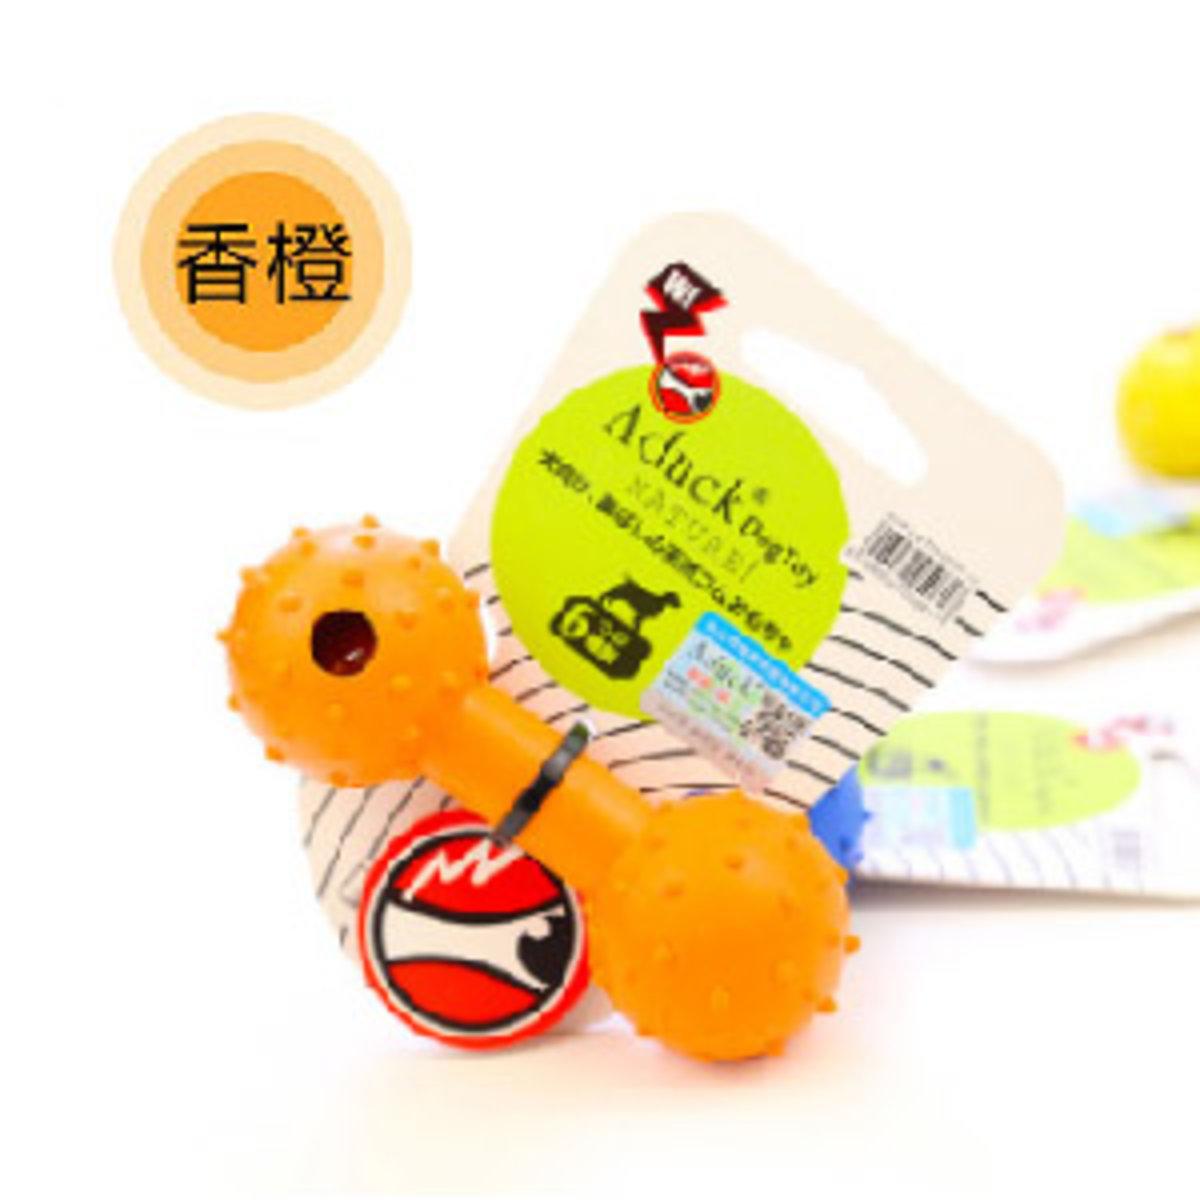 Aduck 橡膠啞鈴帶鈴鐺耐咬潔齒狗狗玩具 (橙)